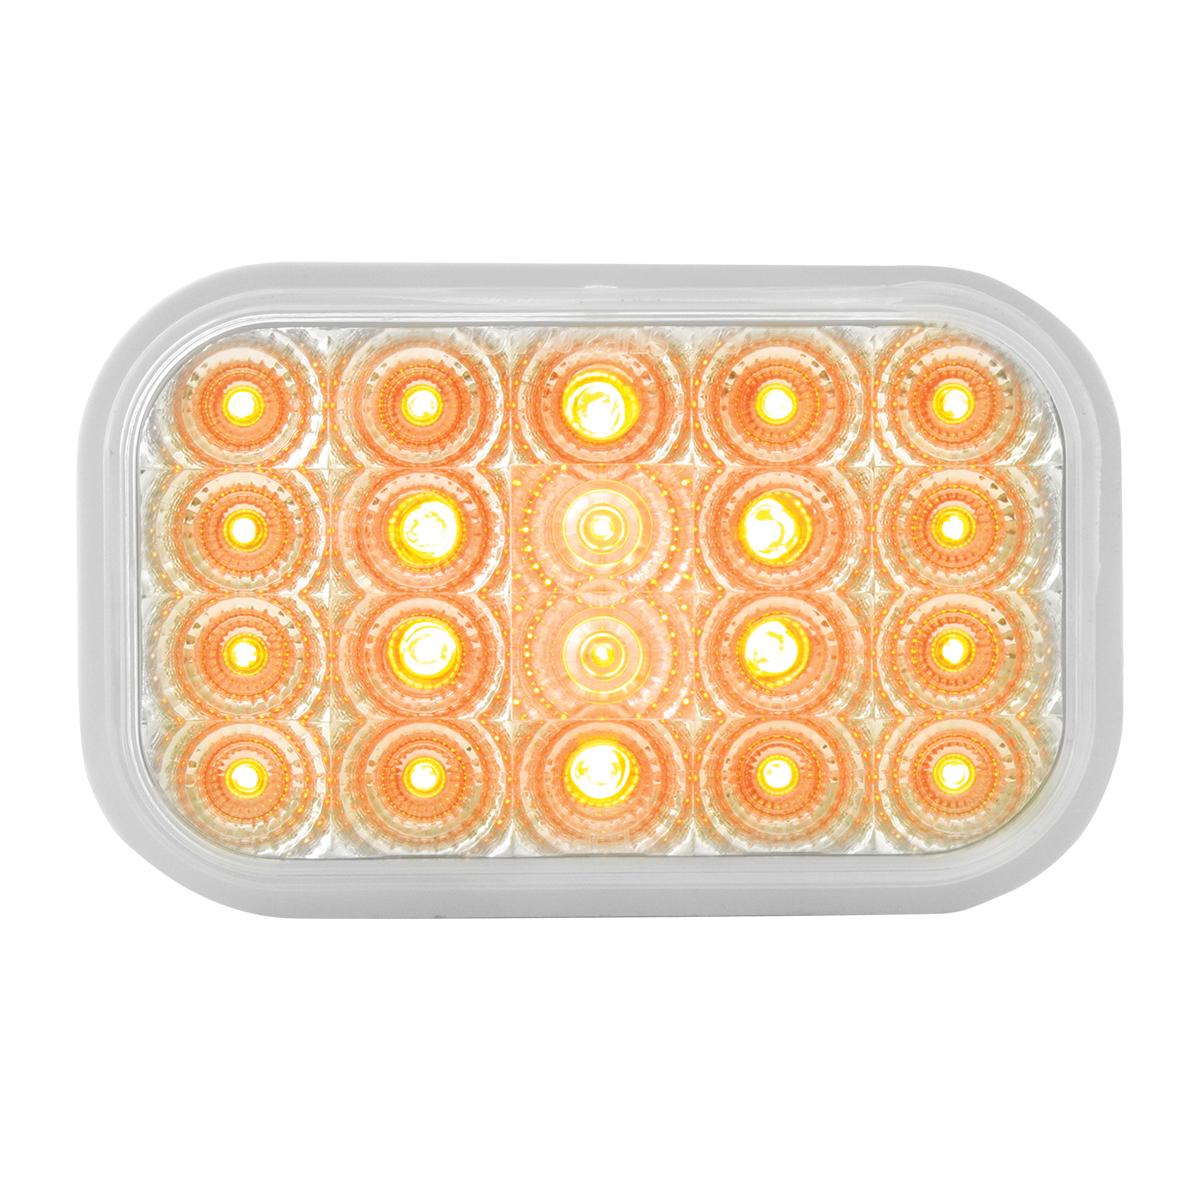 77011 Rectangular Spyder LED Light in Amber/Clear